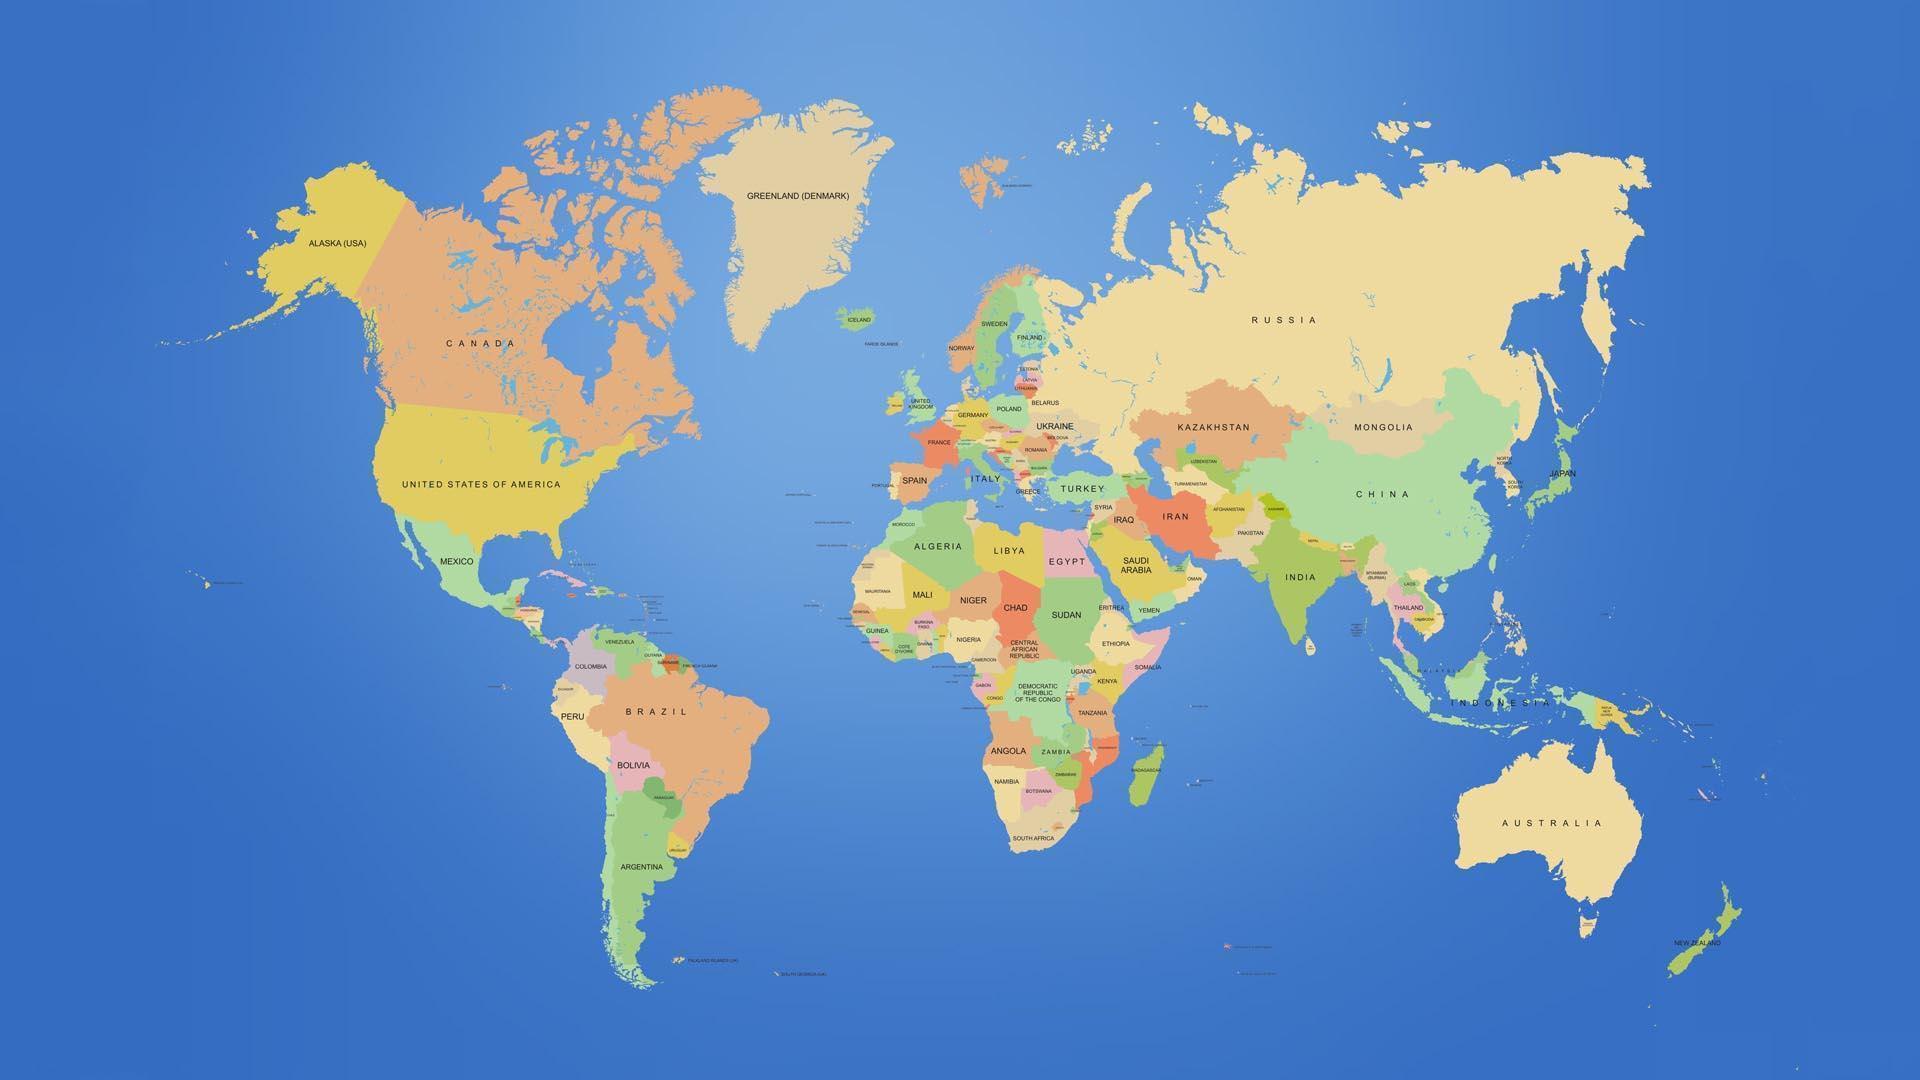 World Map Desktop Backgrounds 1920x1080